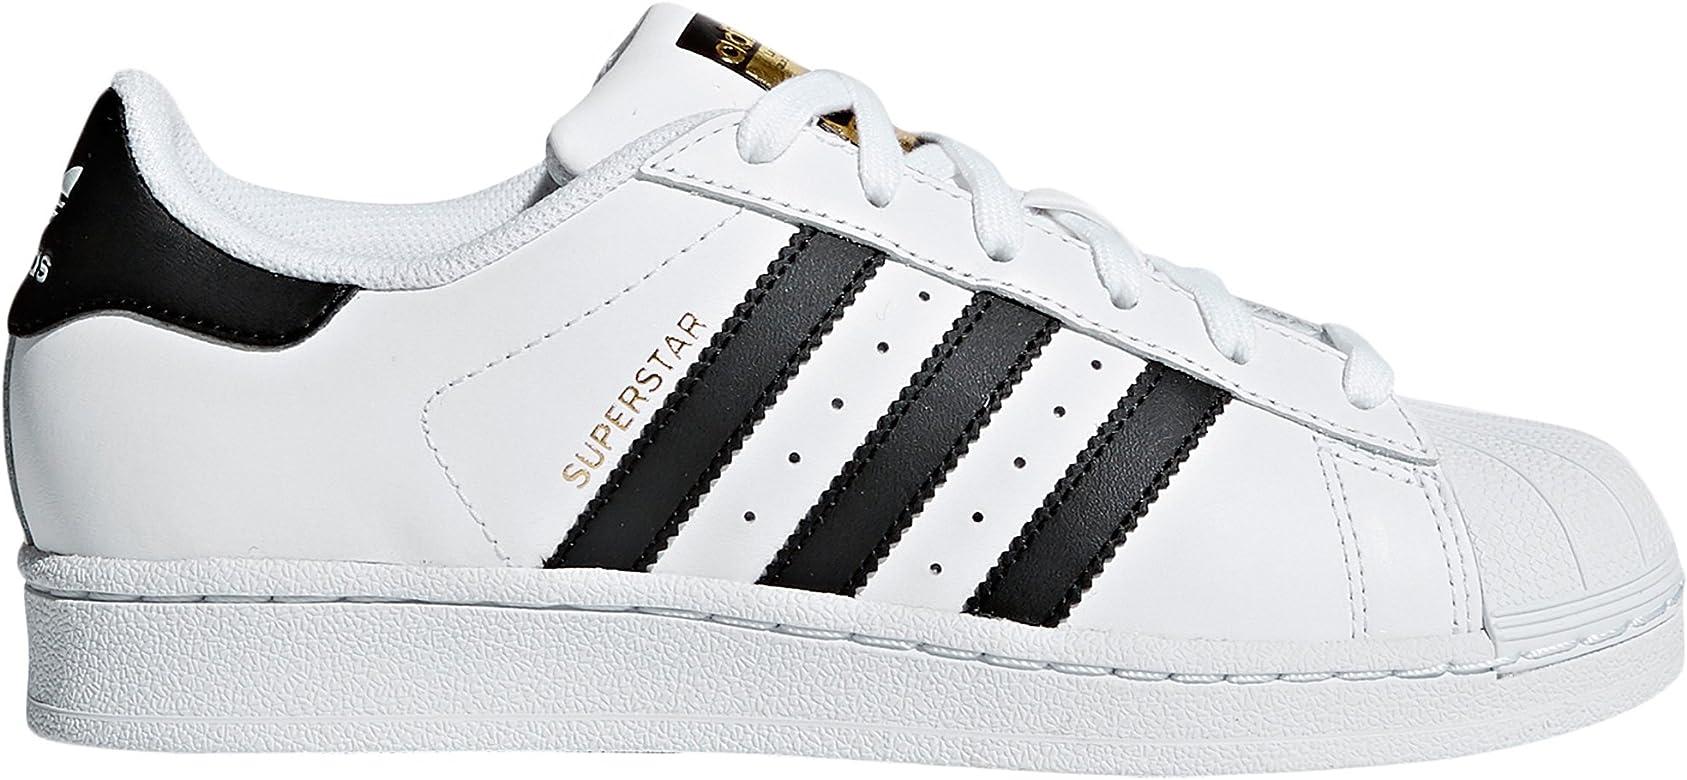 75ac3b806d7a Adidas Original Superstar Autentic Blancas para Mujer de Piel. Sneakers (37  1/3 EU, White Core Black)